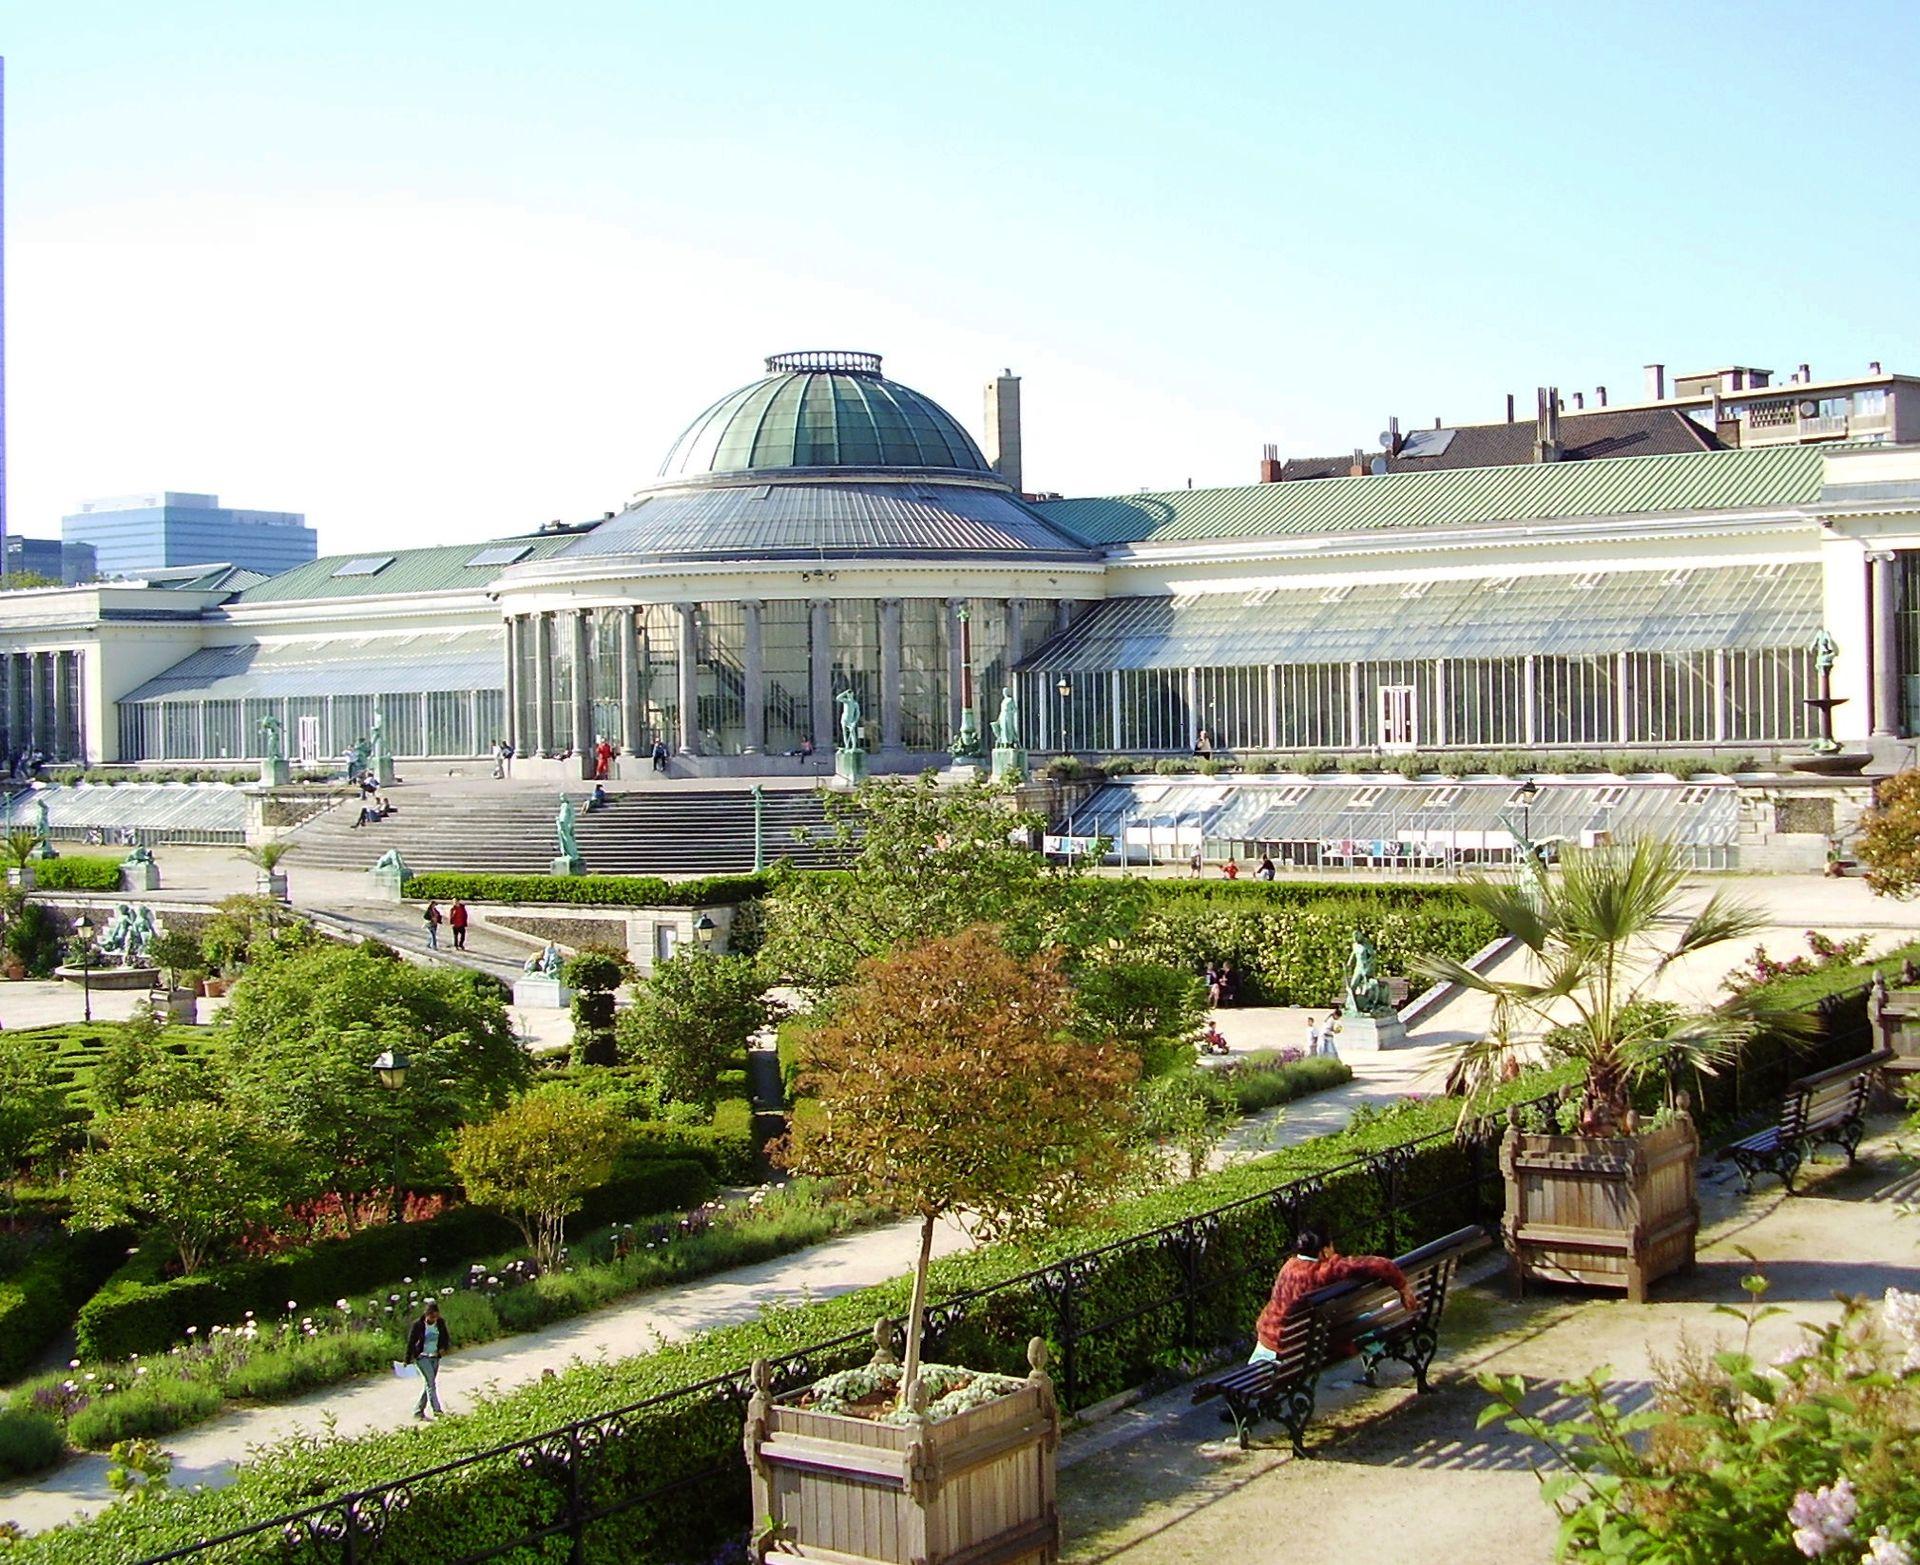 Jardin botanique de bruxelles wikip dia for Boulevard du jardin botanique 50 1000 bruxelles